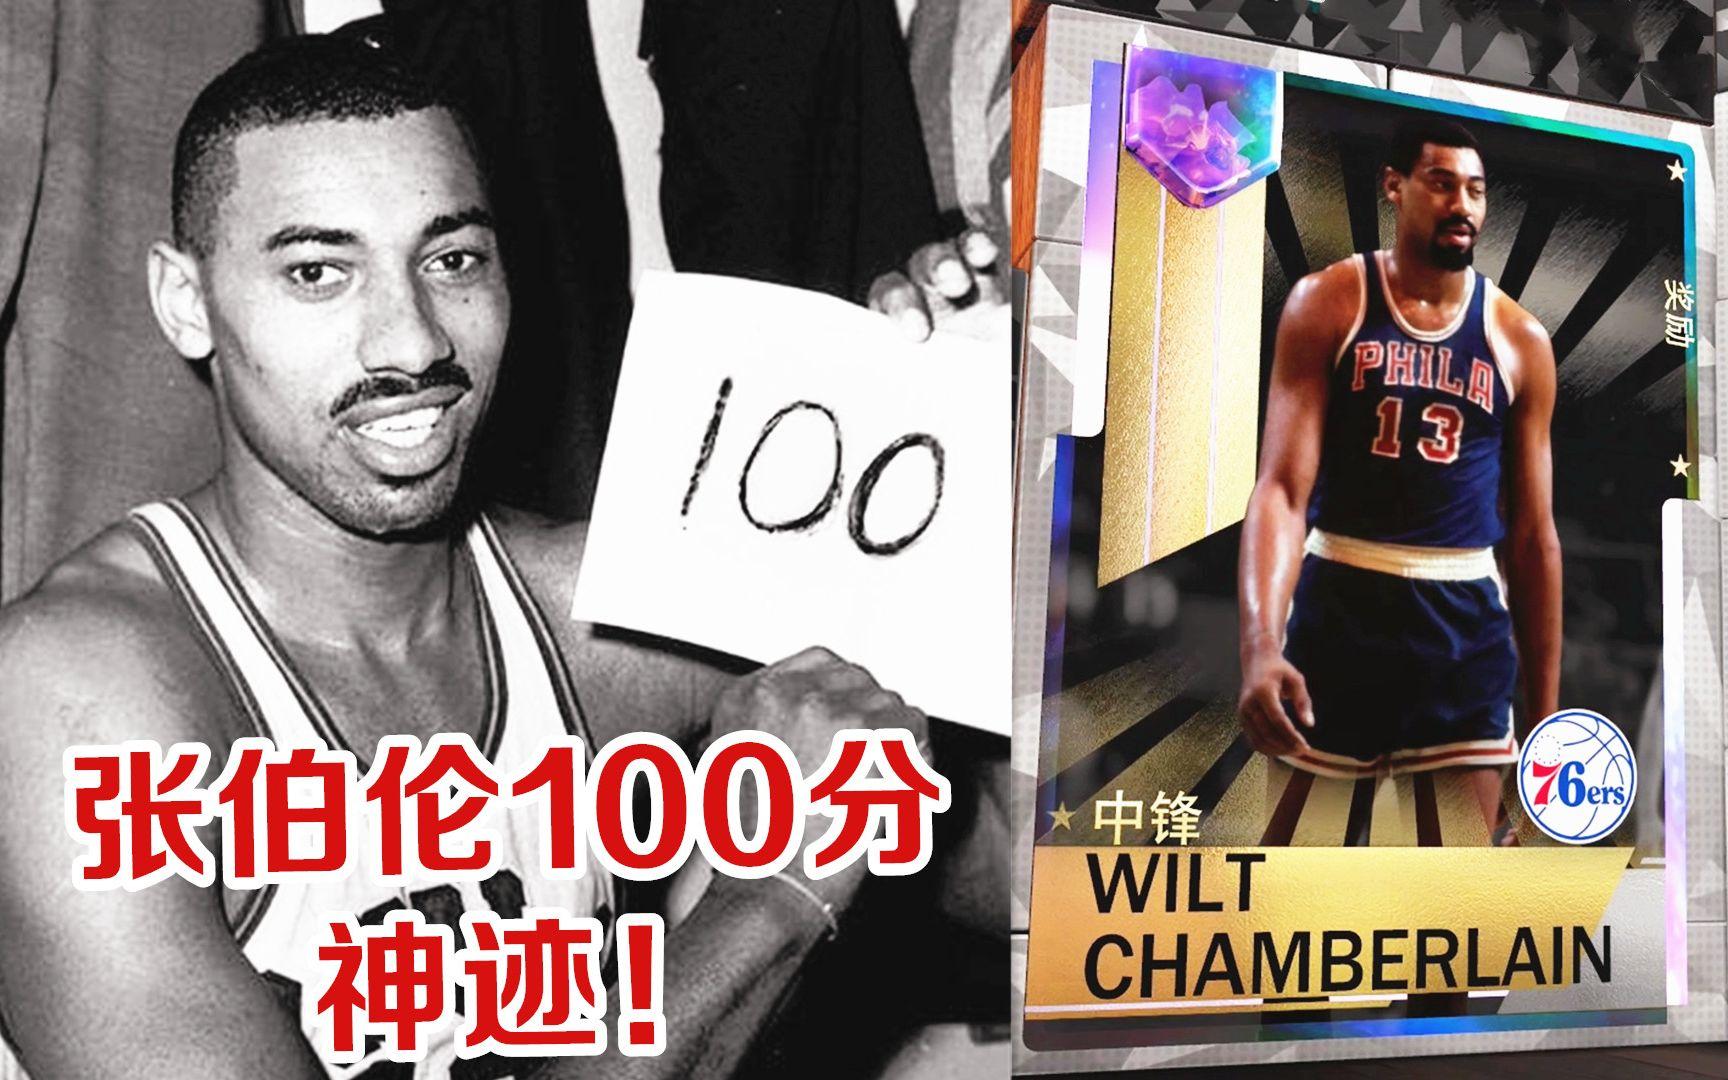 【布鲁】银河欧泊张伯伦!100分神迹之夜!NBA2K19终极神卡!